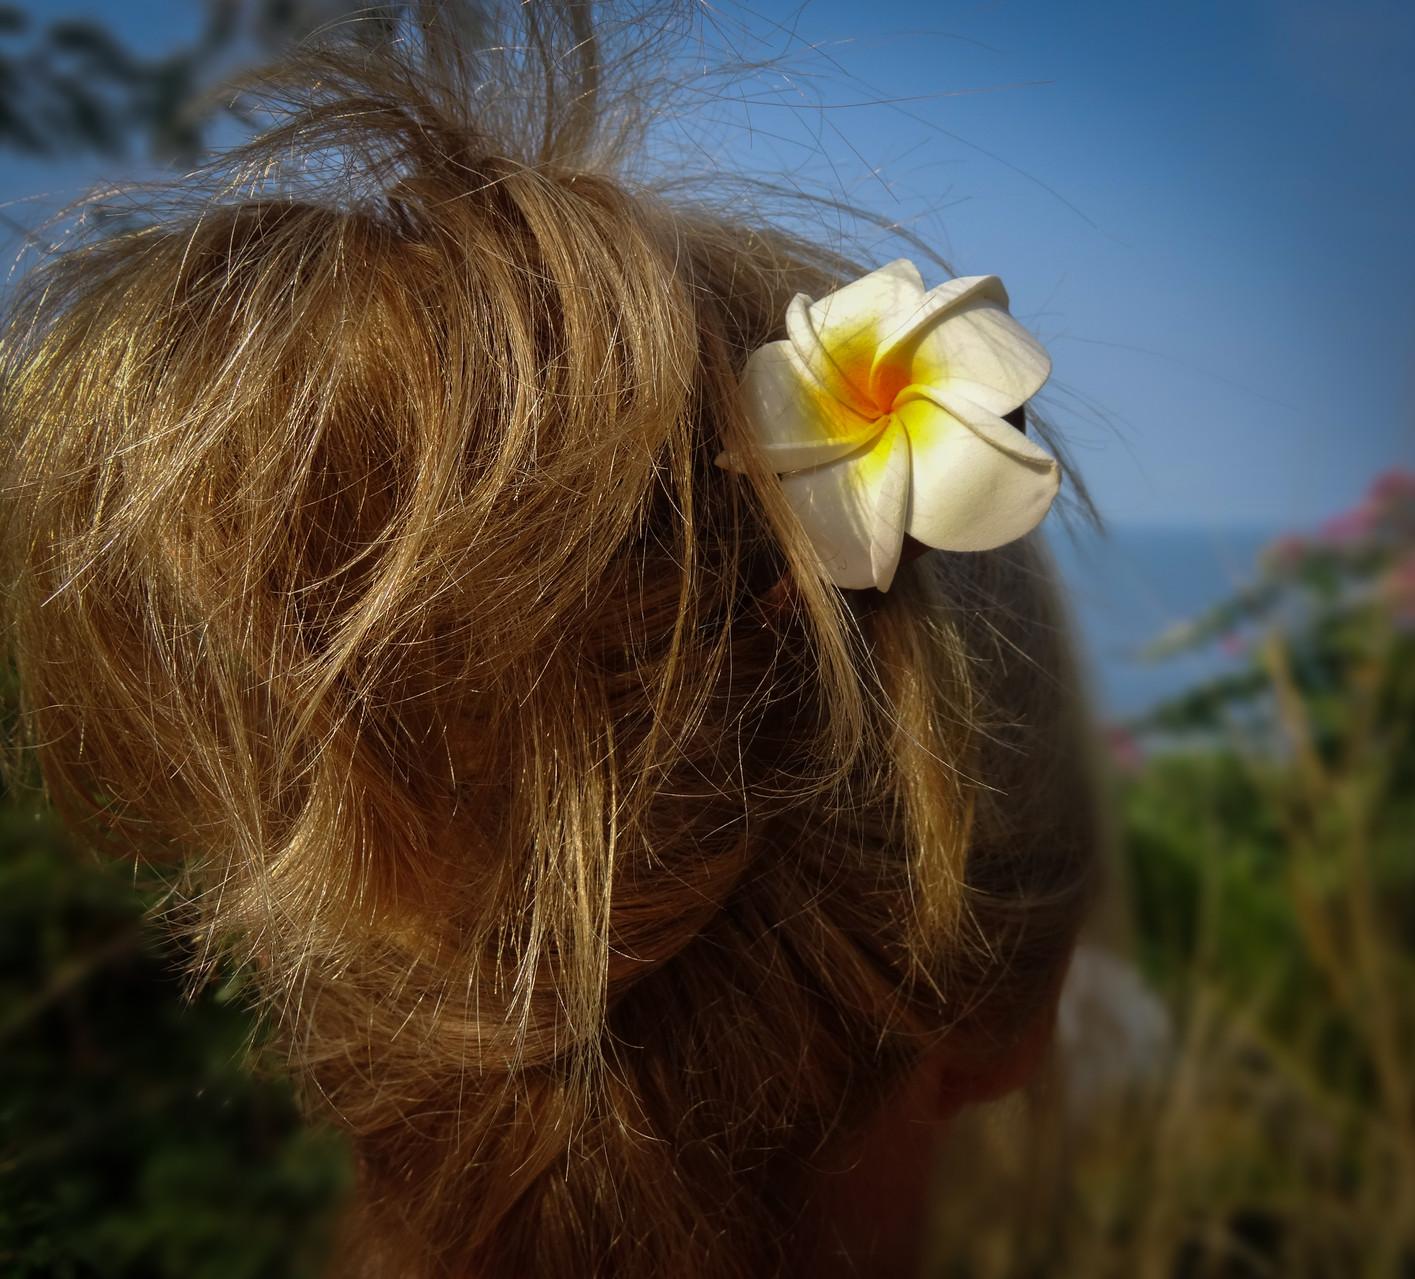 Pic double en bois avec fleur de frangipanier en tissus/ double stick with fabric frangipani flower